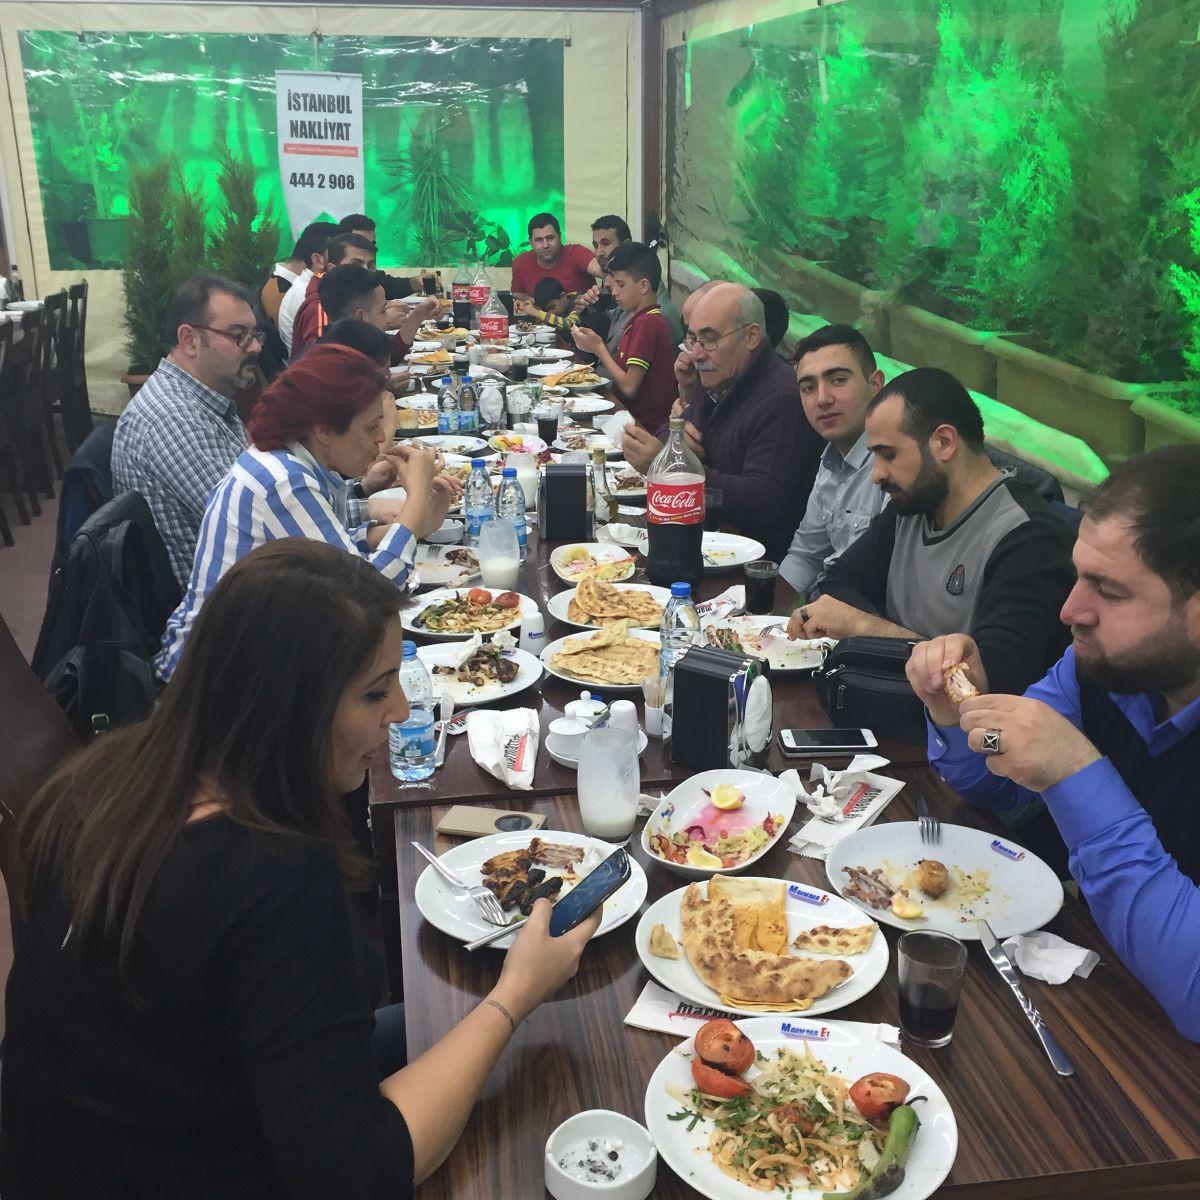 İstanbul Eşya Depolama şirket yemeği